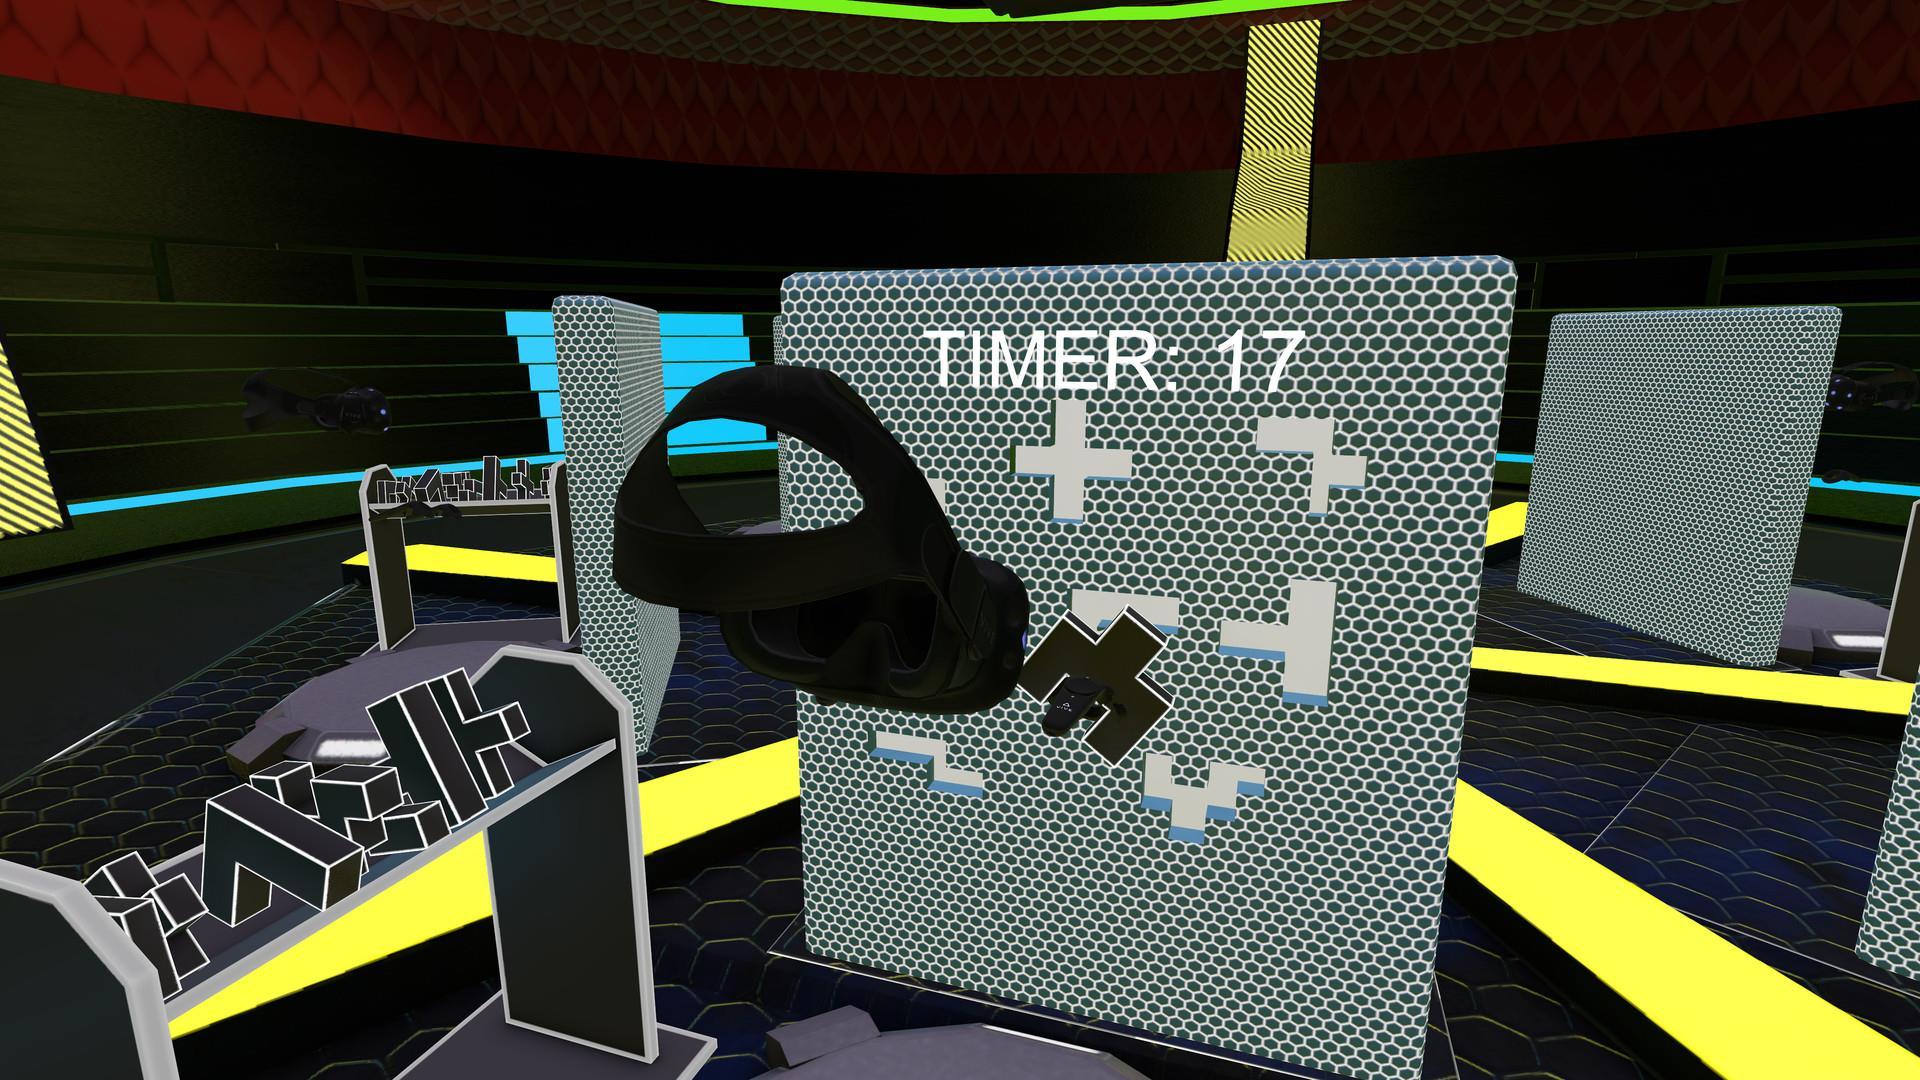 今晚的问答之夜VR